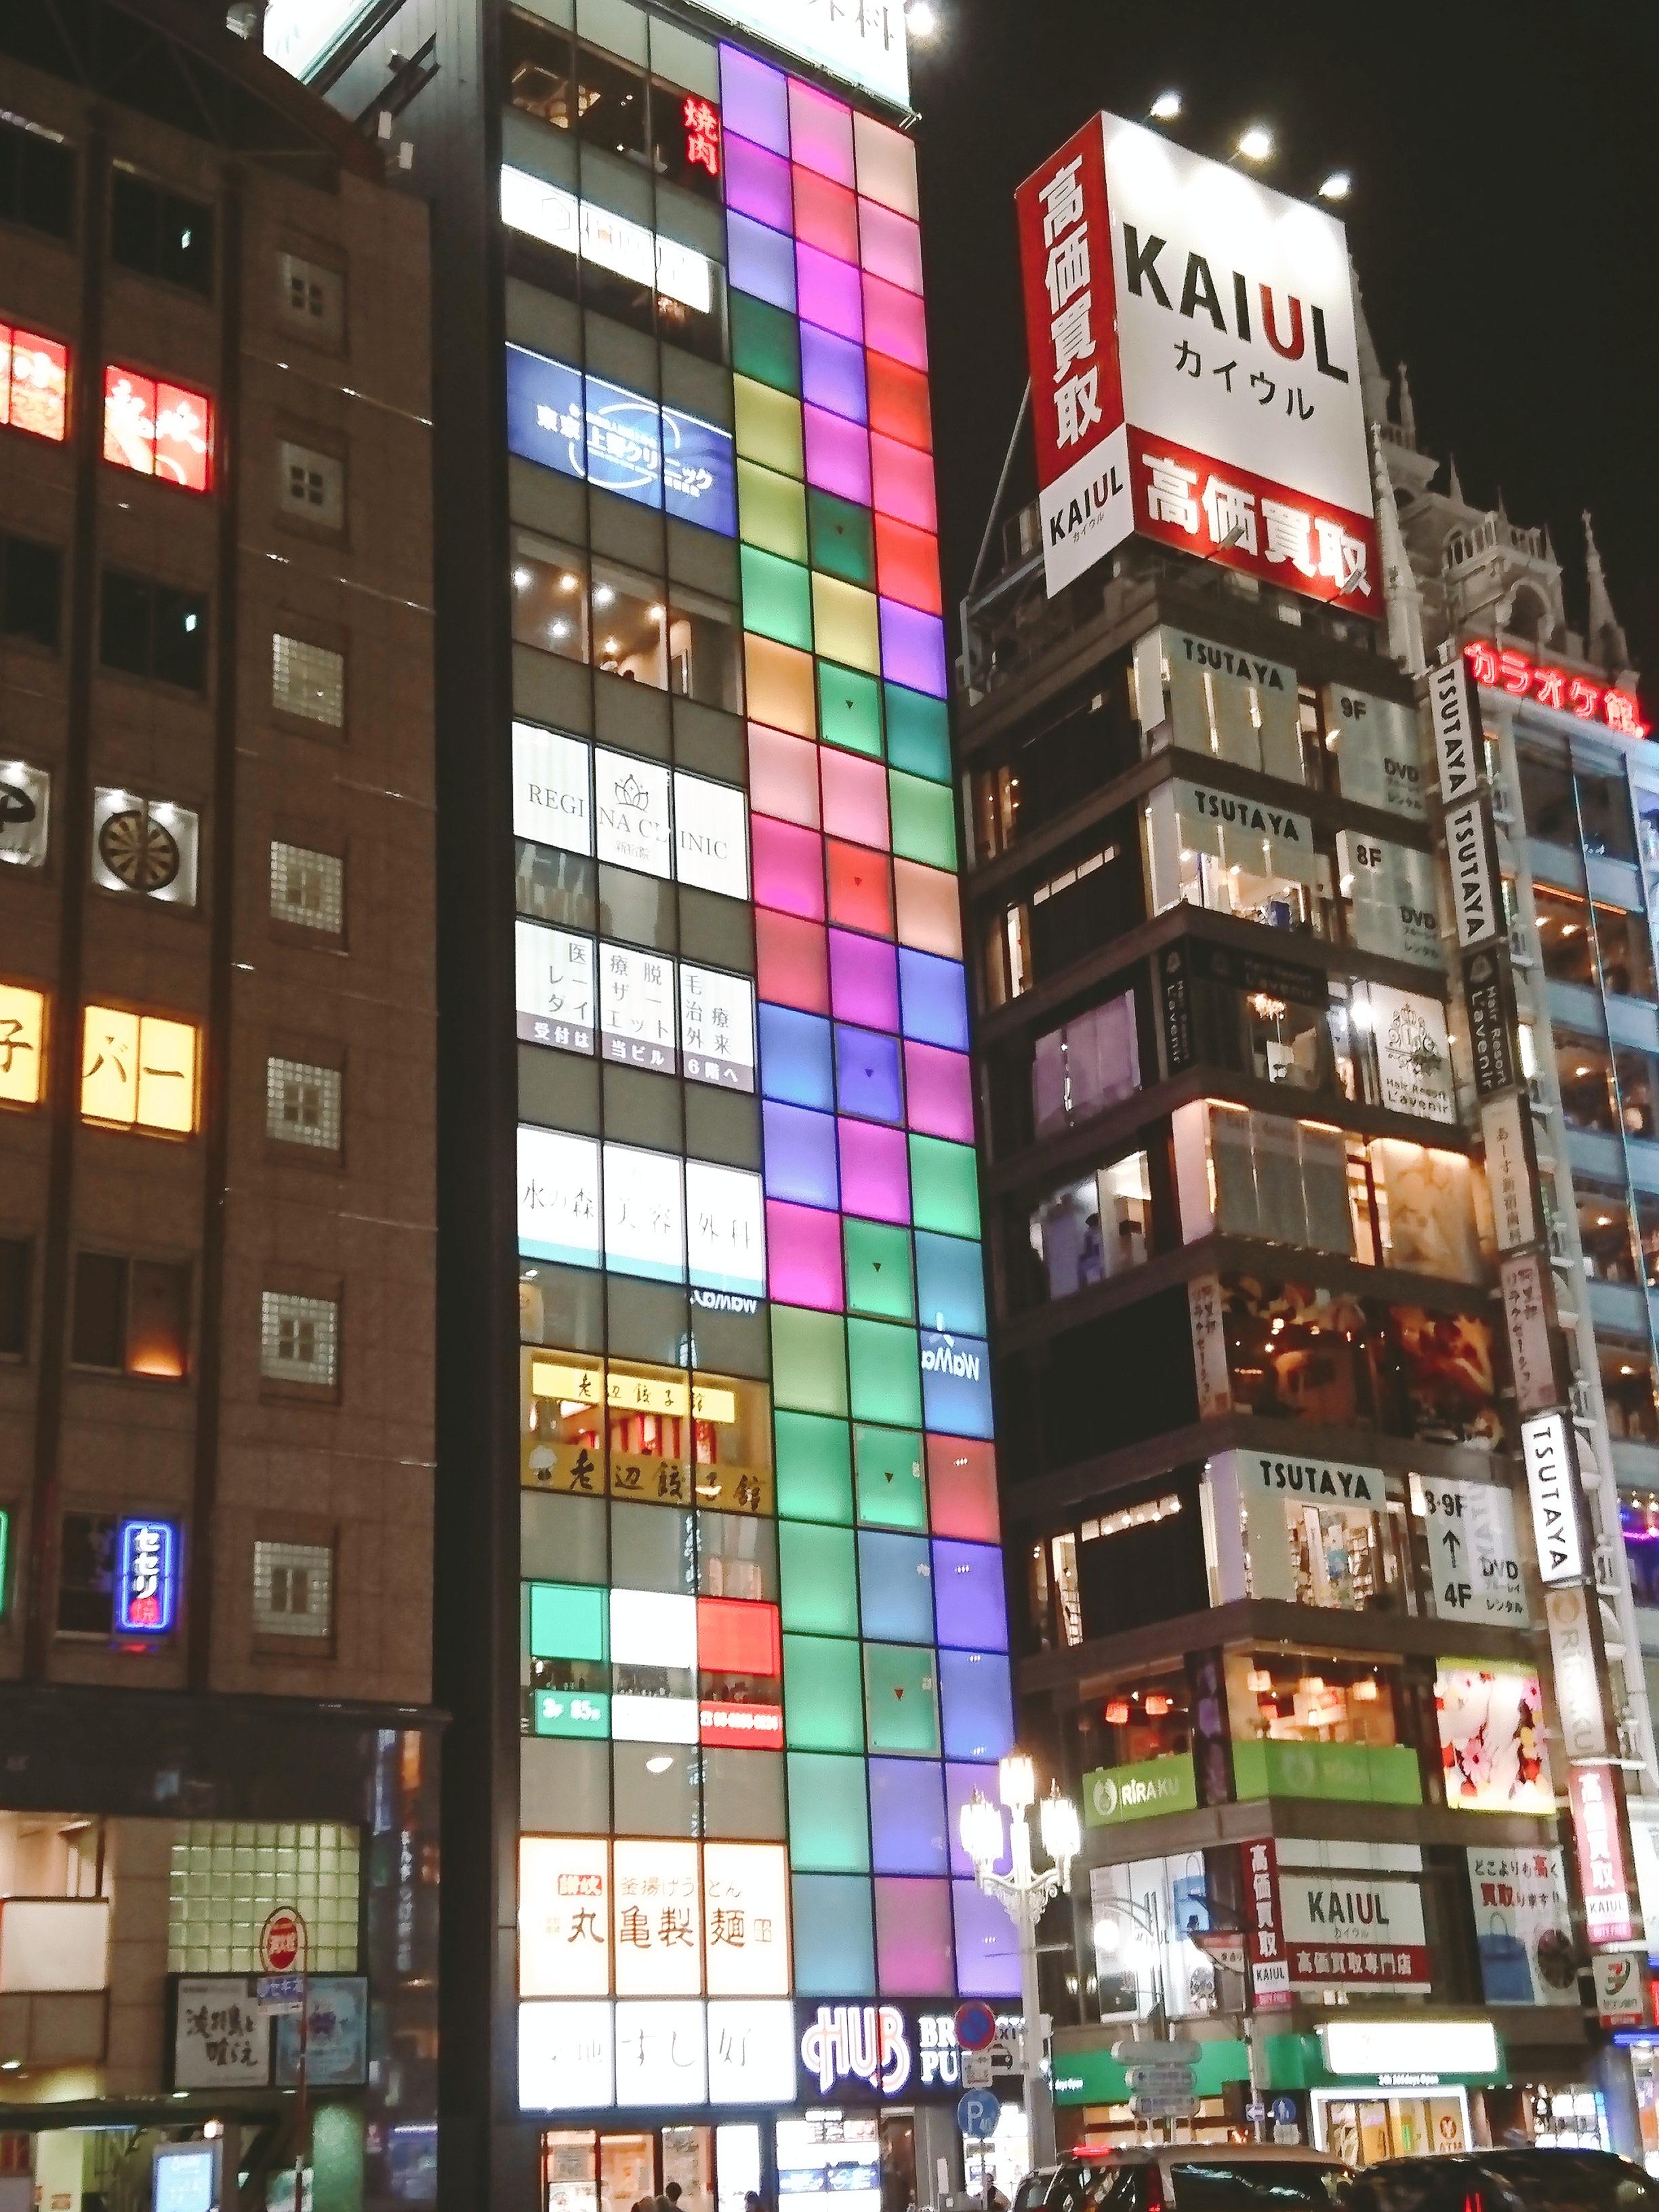 新宿 クアルト